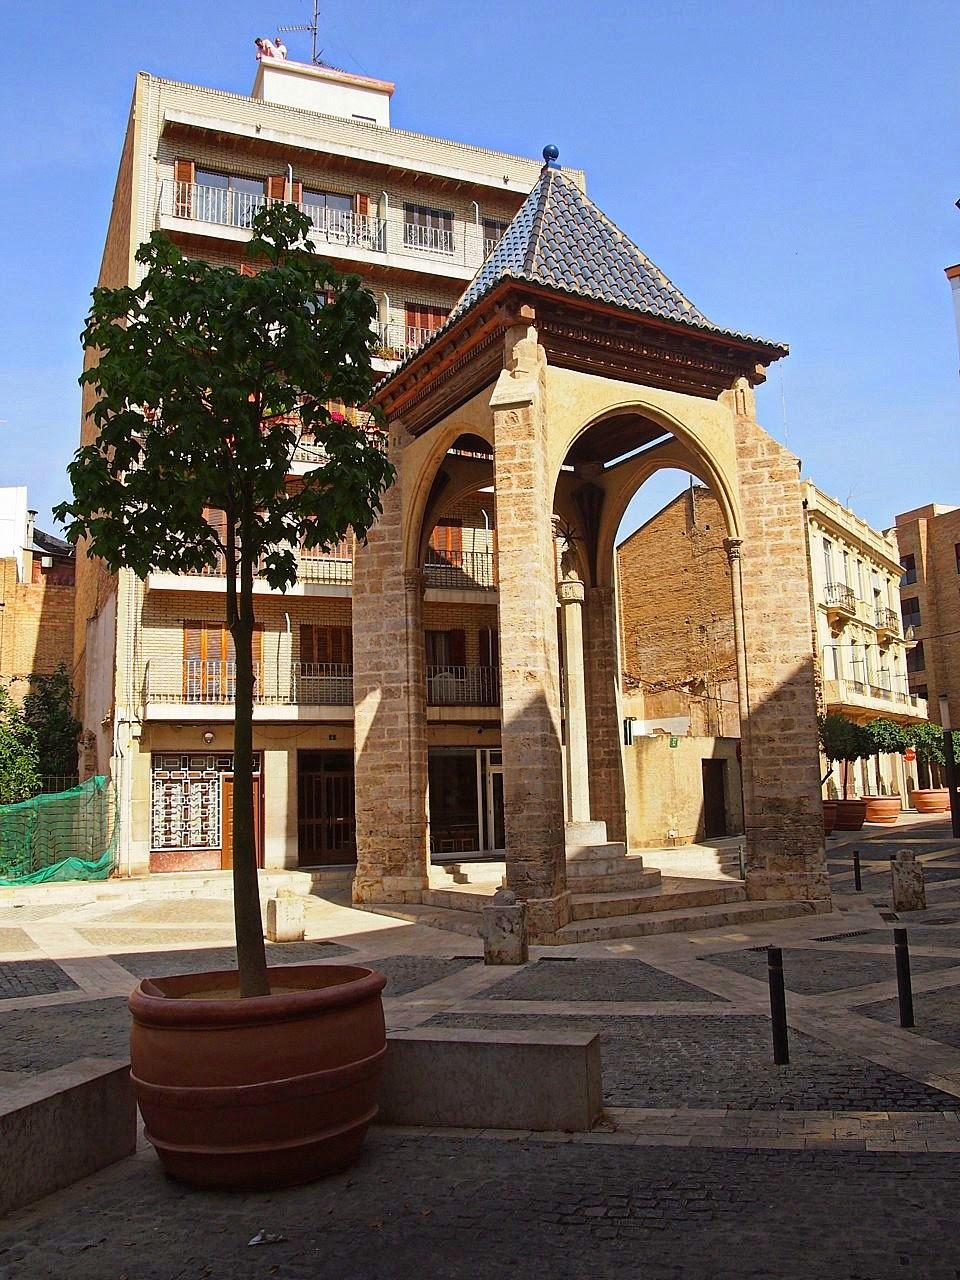 Fuente: fotosdeviajesyescapadas.blogspot.com